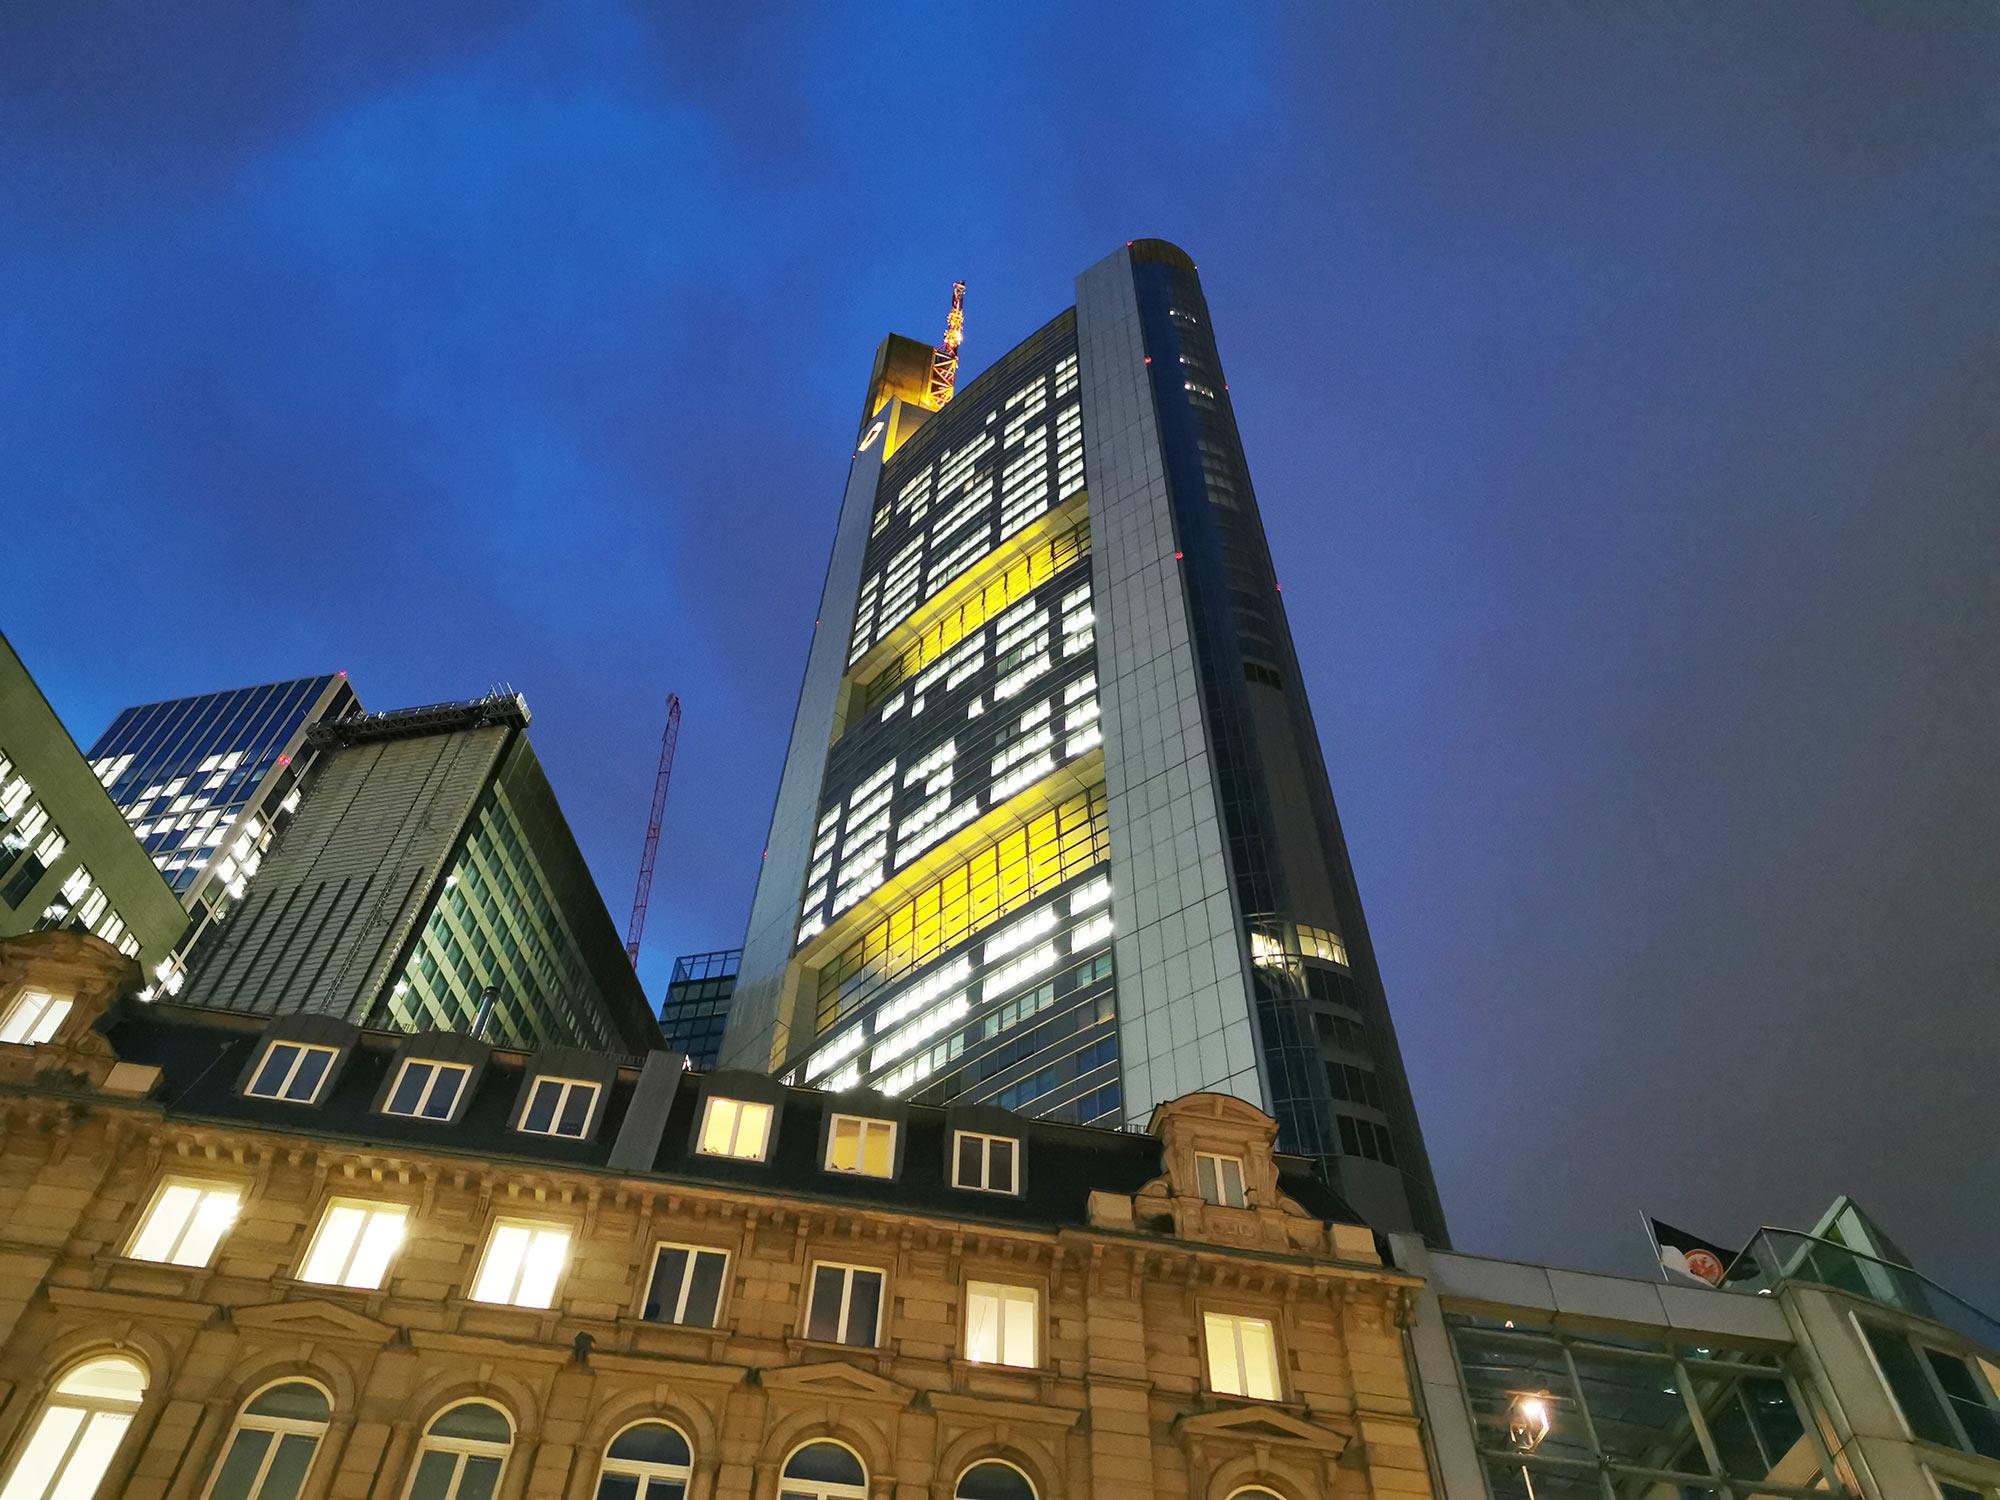 Commerzbank Zentrale - Hochhaus der Commerzbank AG in Frankfurt - Wolkenkratzer Frankfurt am Main - Commerzbank Tower